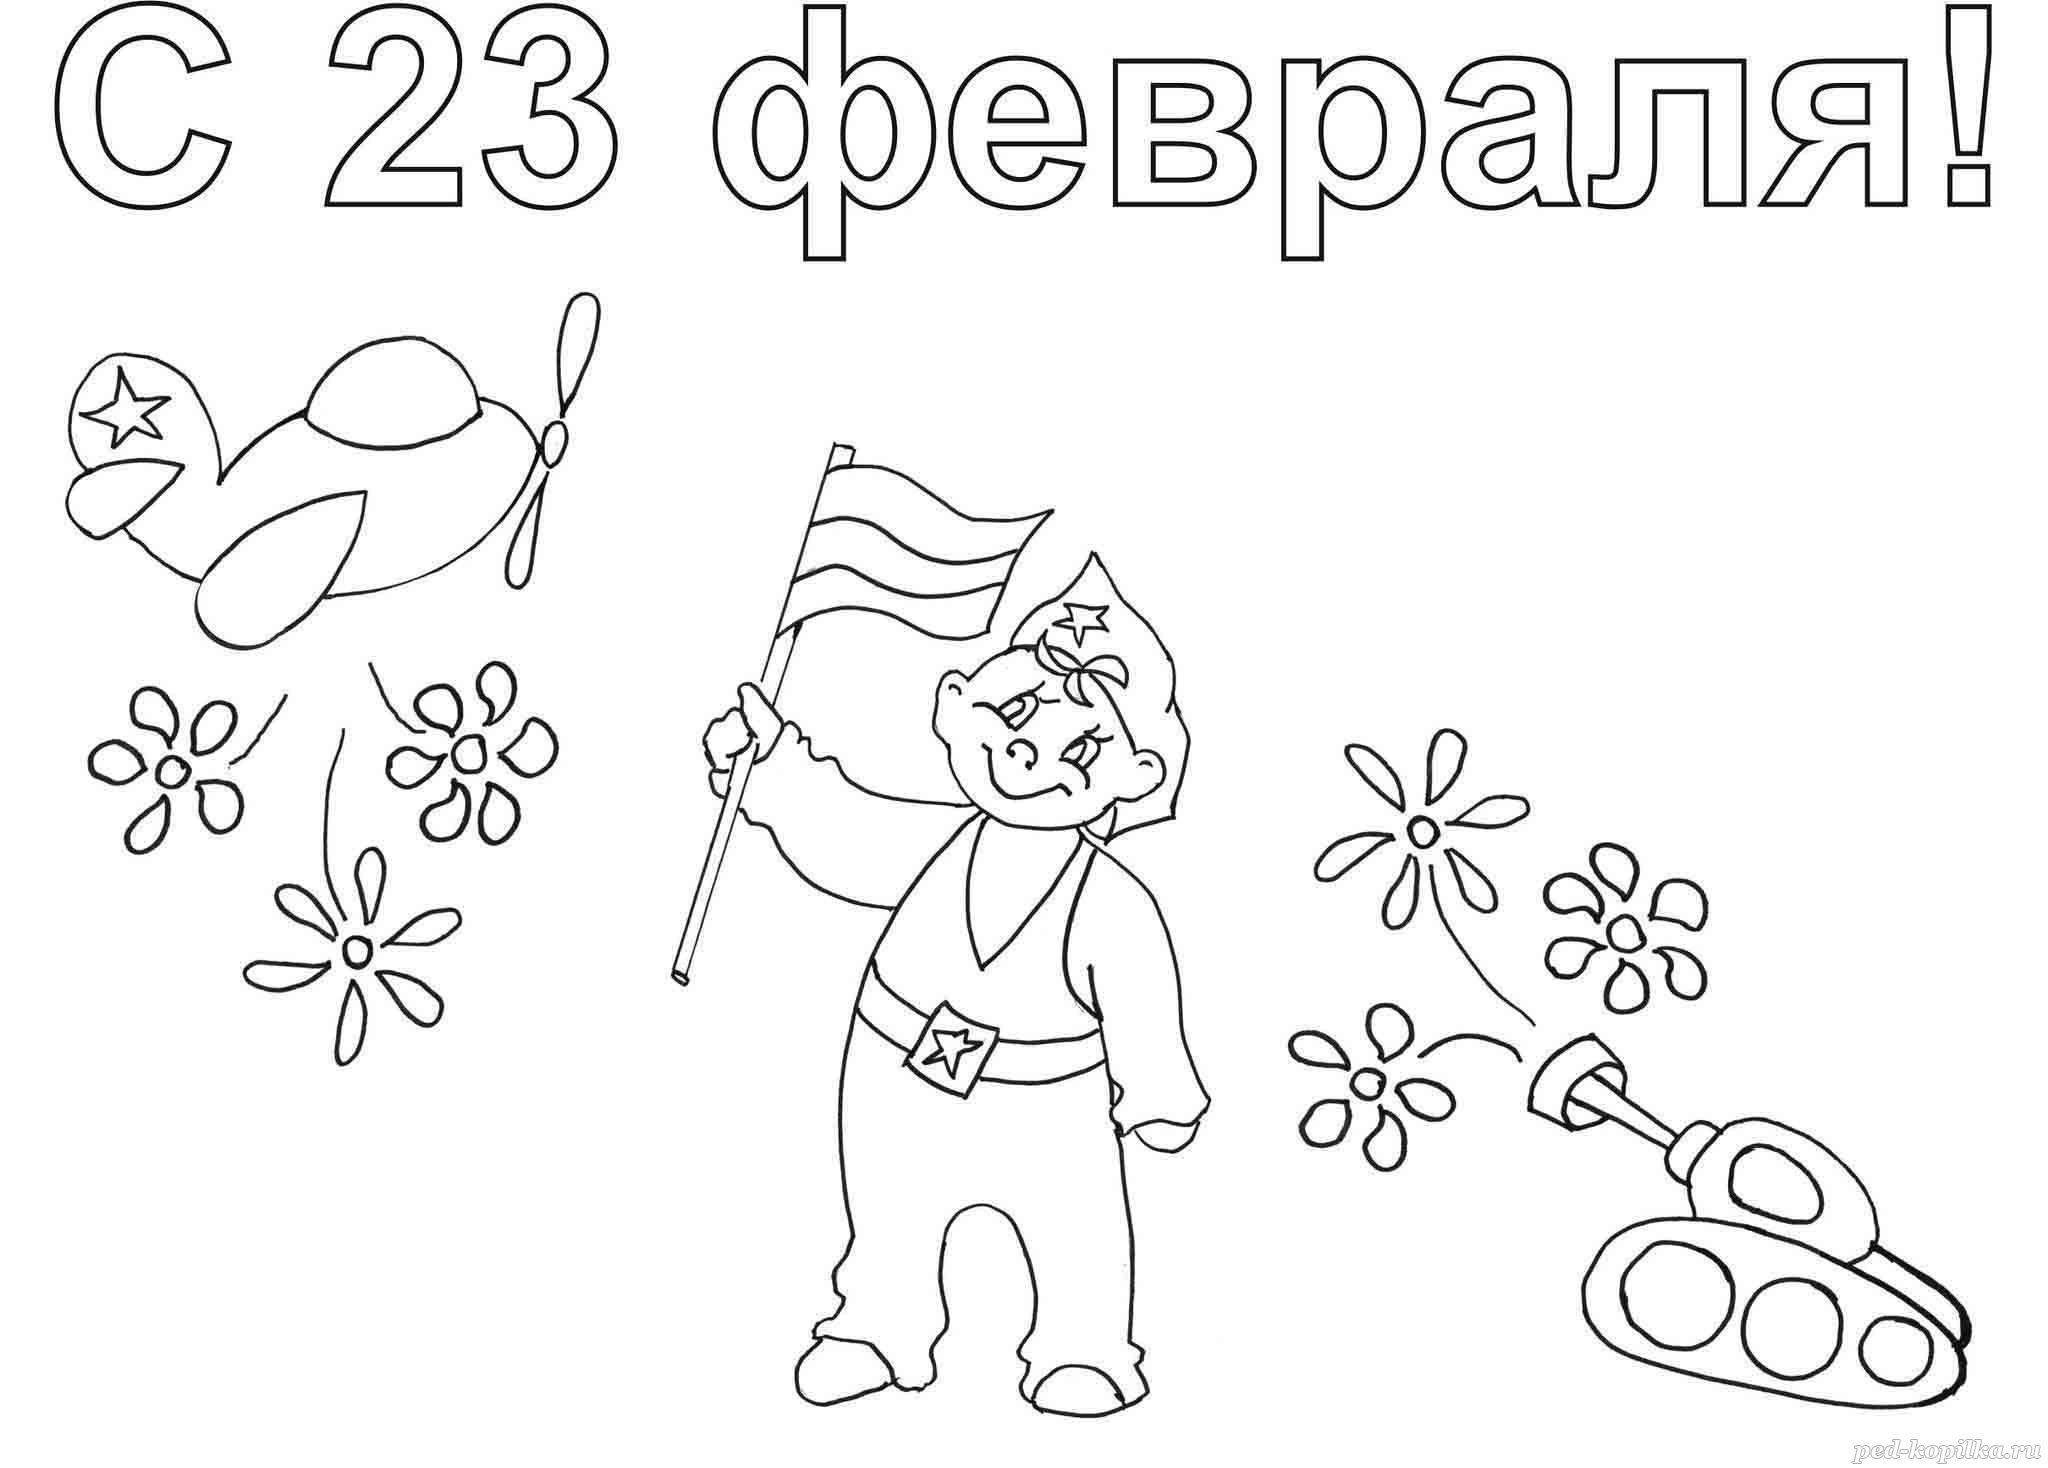 Днем, открытка к 23 февраля с пожеланиями печать черно белые